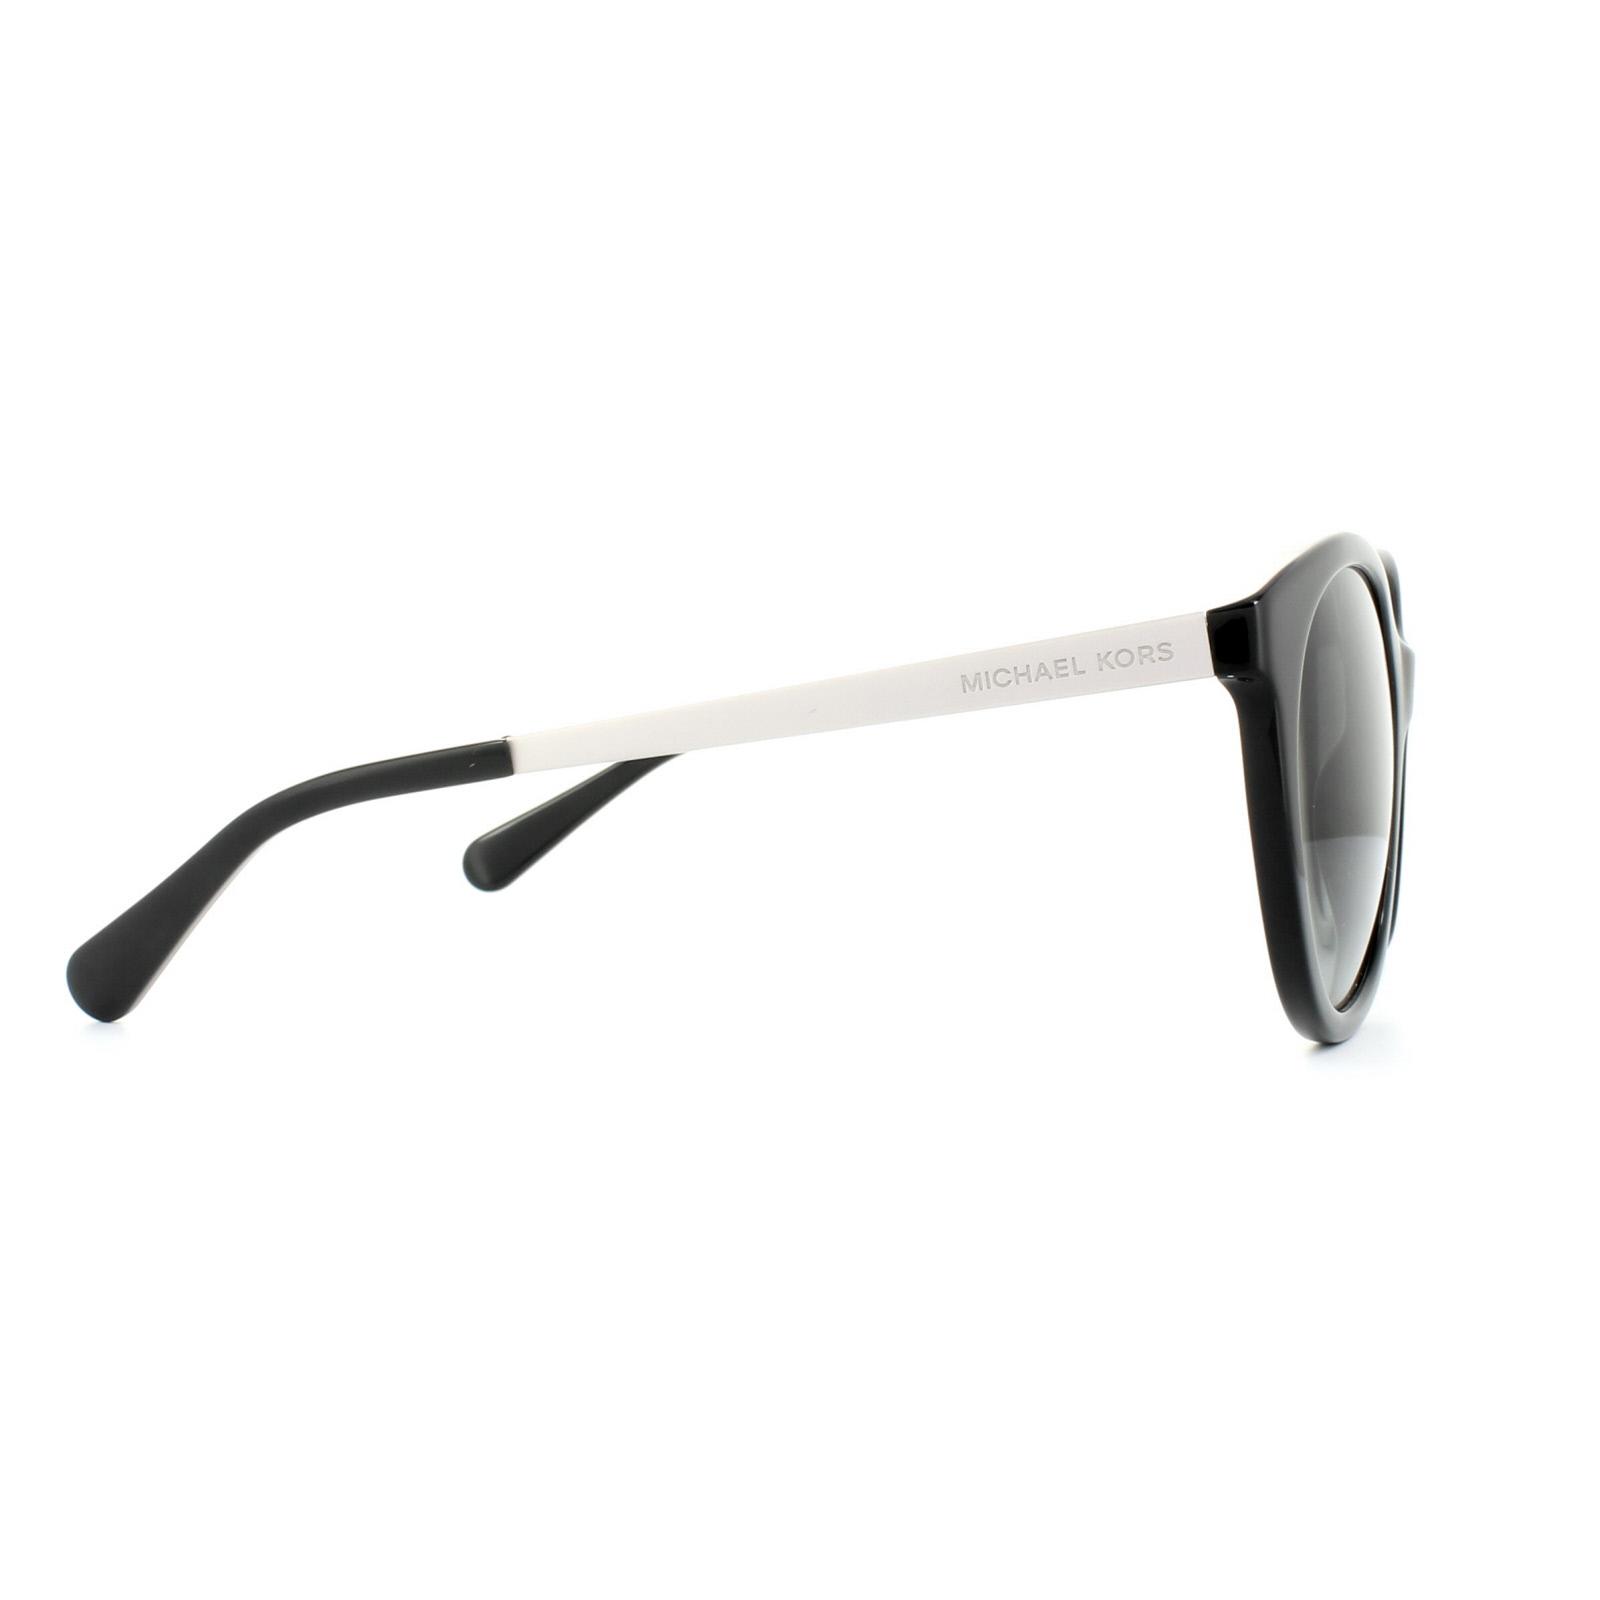 18d737093e Sentinel Michael Kors Sunglasses Island Tropics 2034 3204 11 Black Grey  Gradient